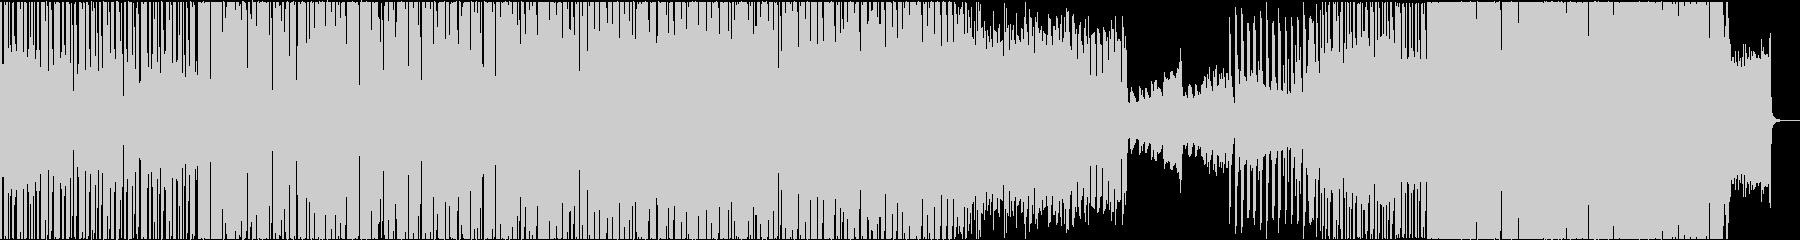 ベートーベン第9番エレクトリカルパレードの未再生の波形